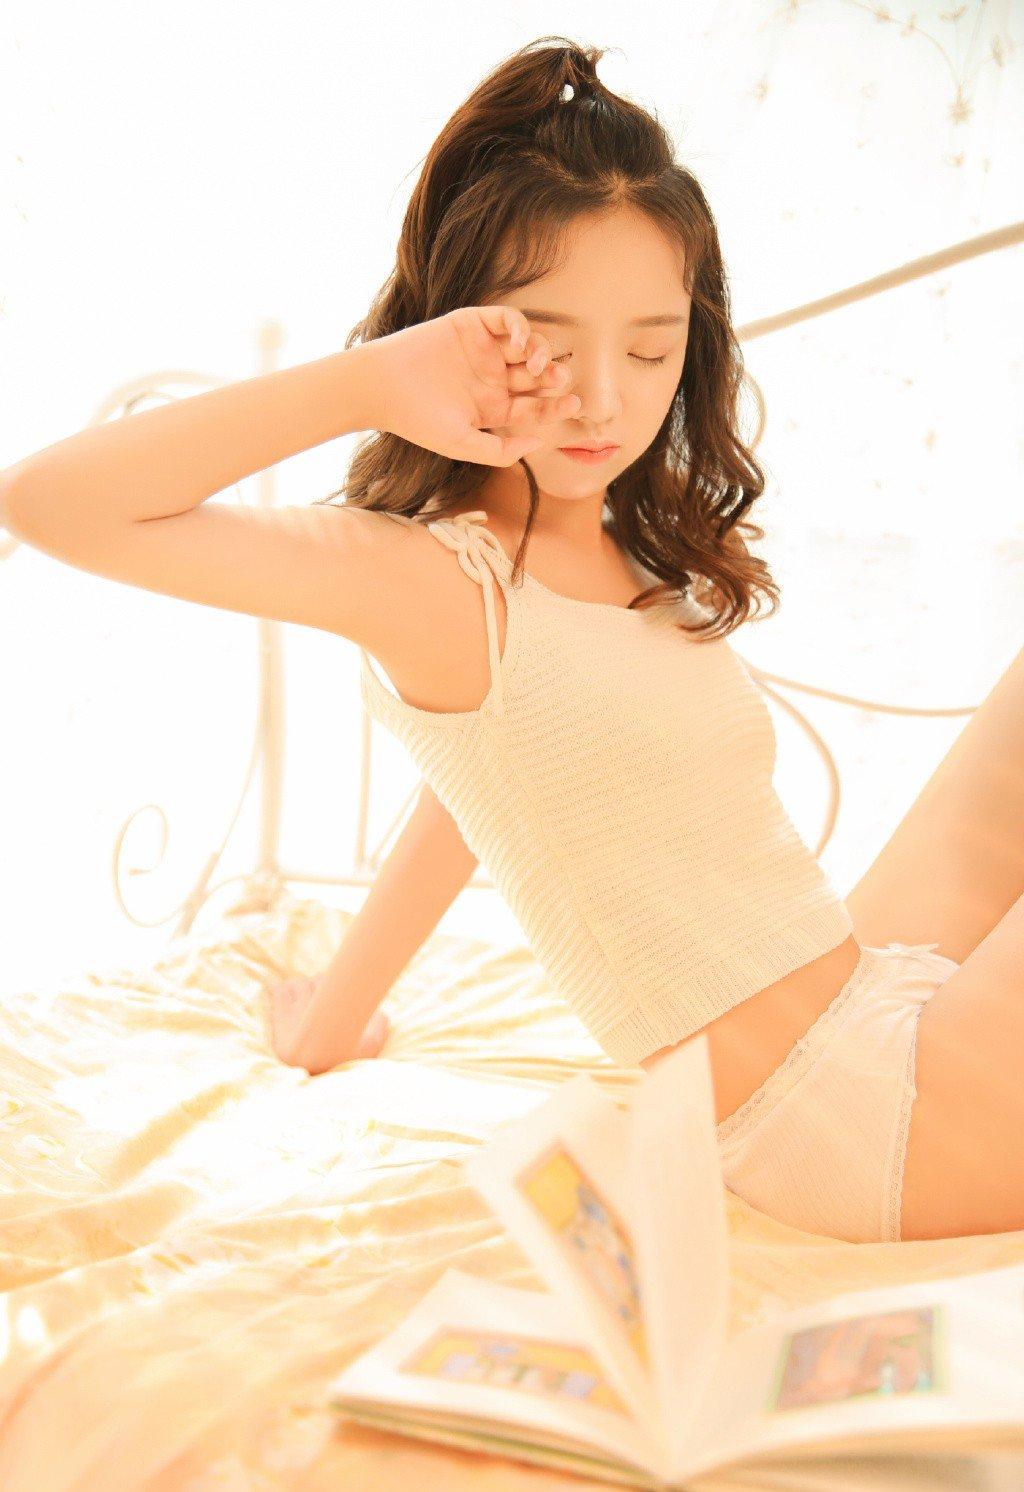 风情美女吊带长腿性感诱惑写真